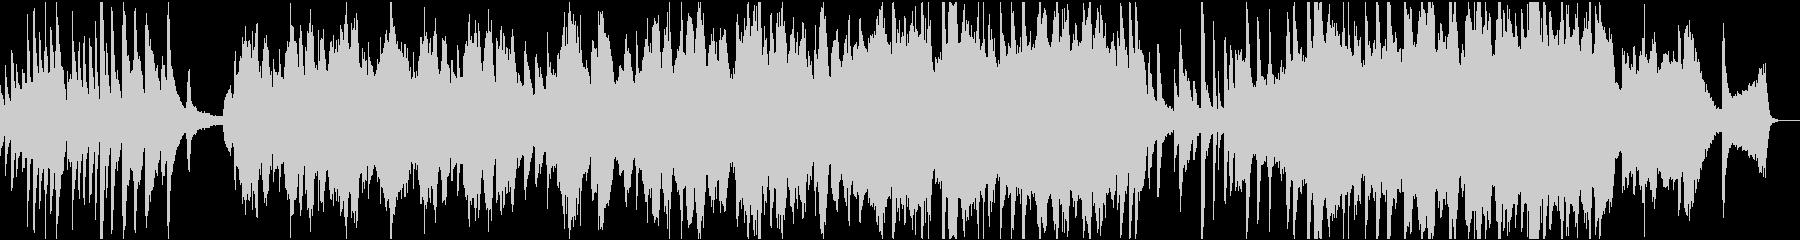 ピアノとバイオリンのやわらかいバラードの未再生の波形